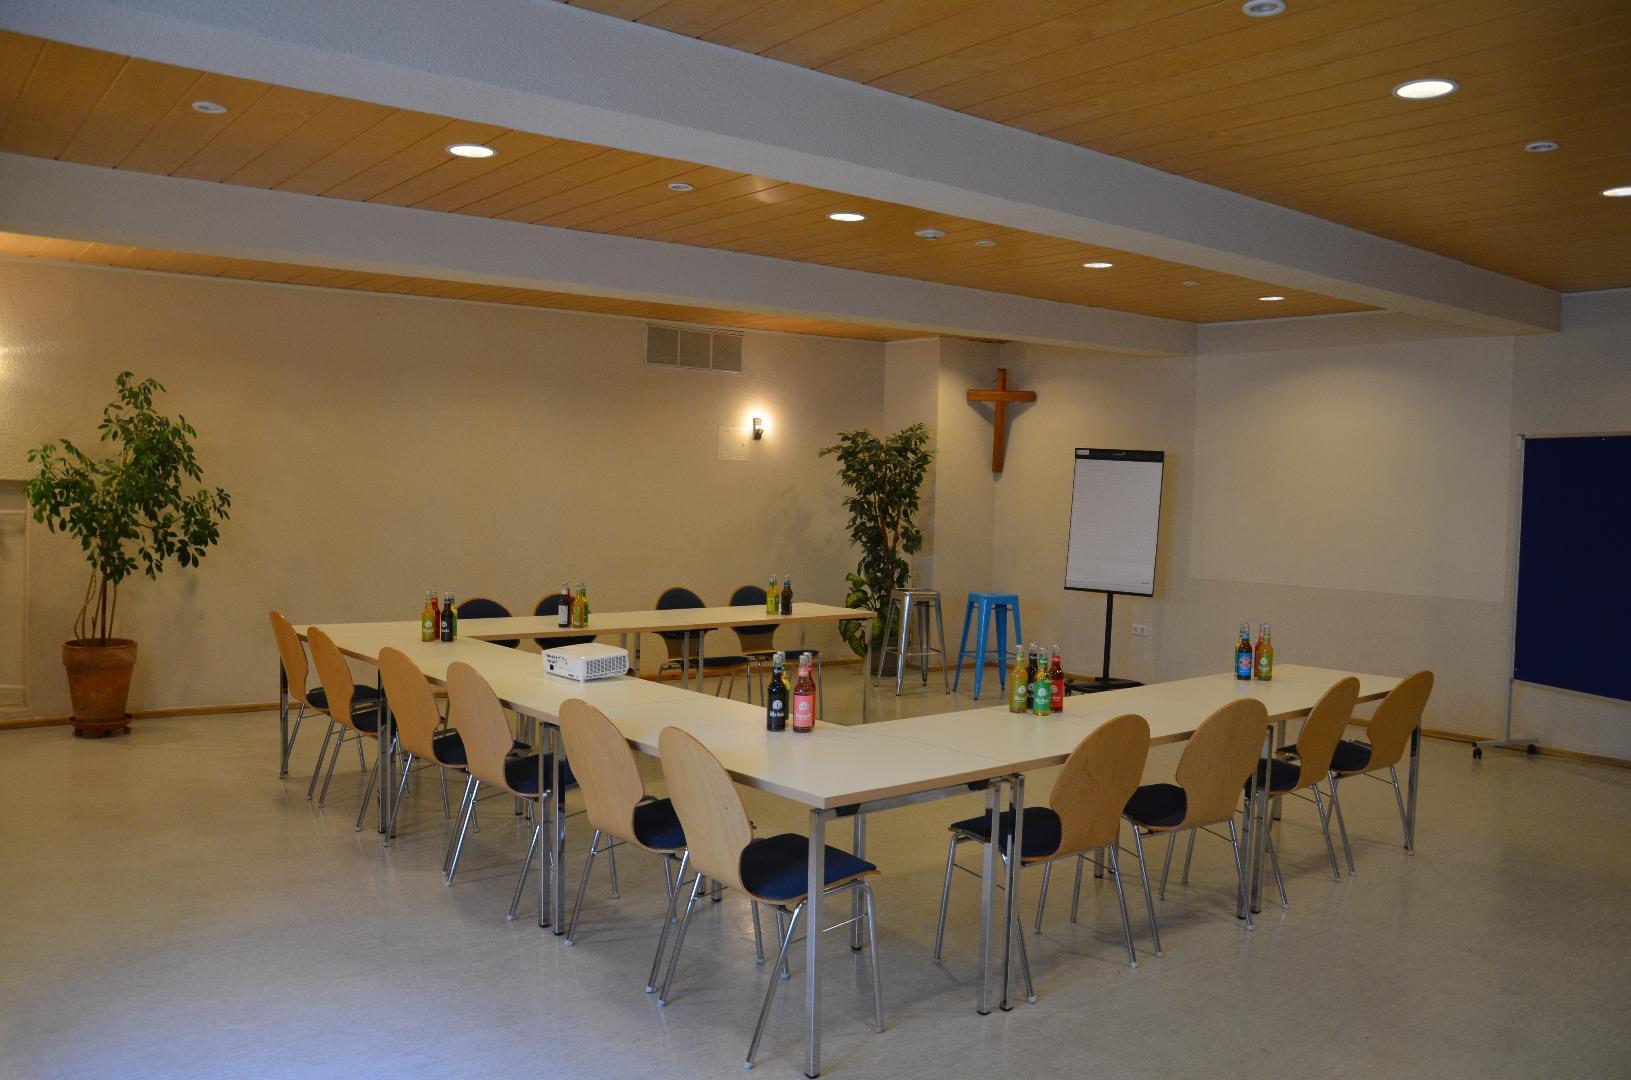 Bild 1 von Seminarraum Gildesaal